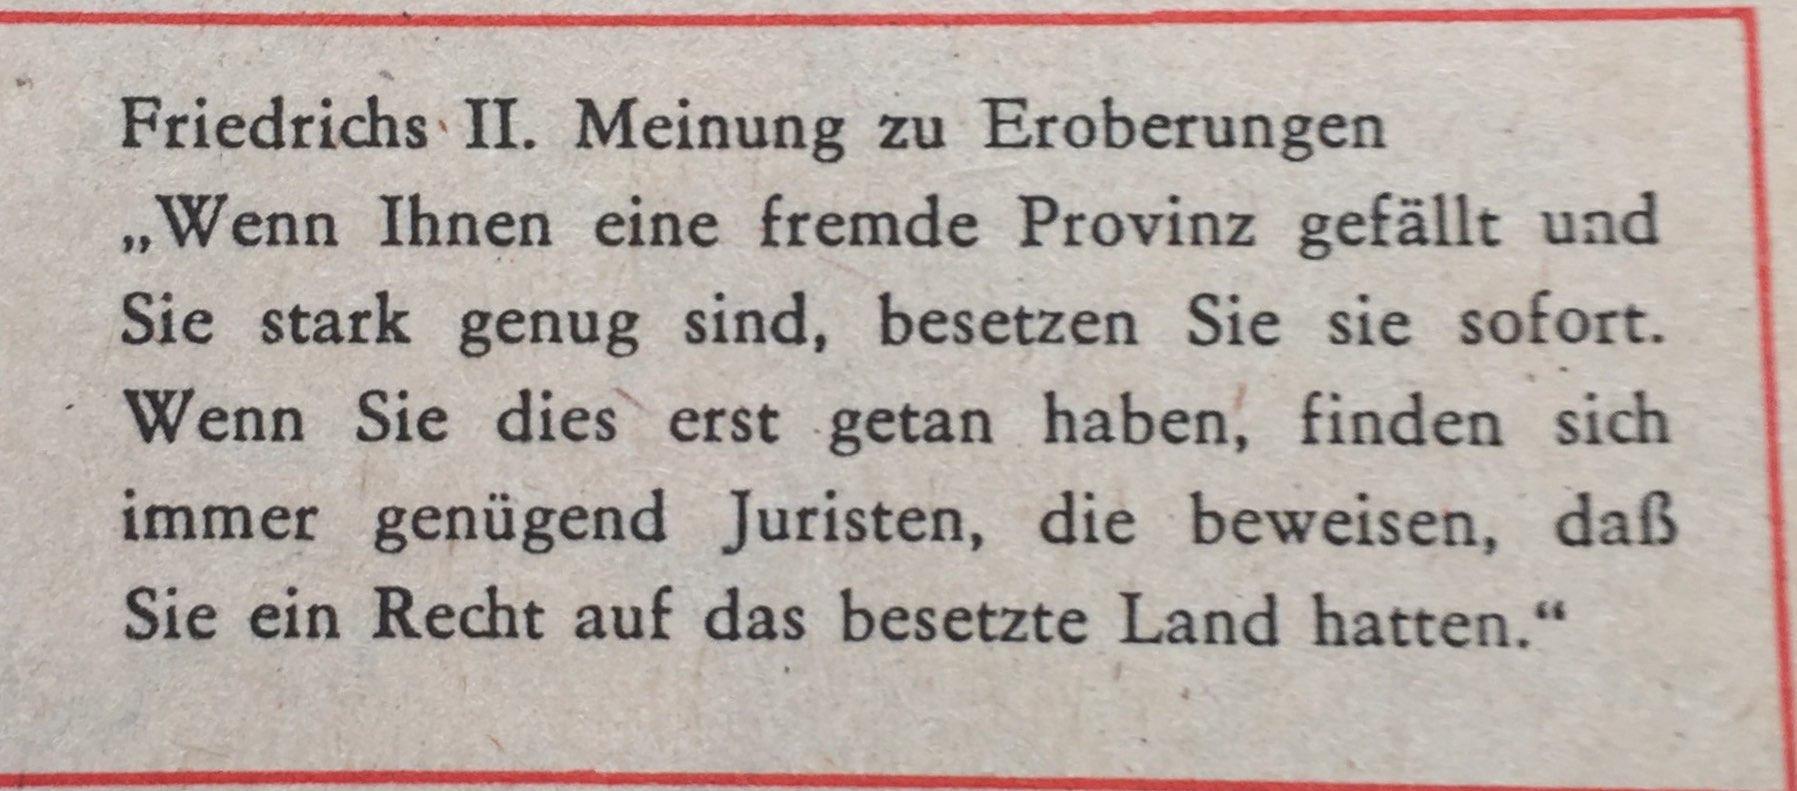 Friedrich II. zu Eroberungen